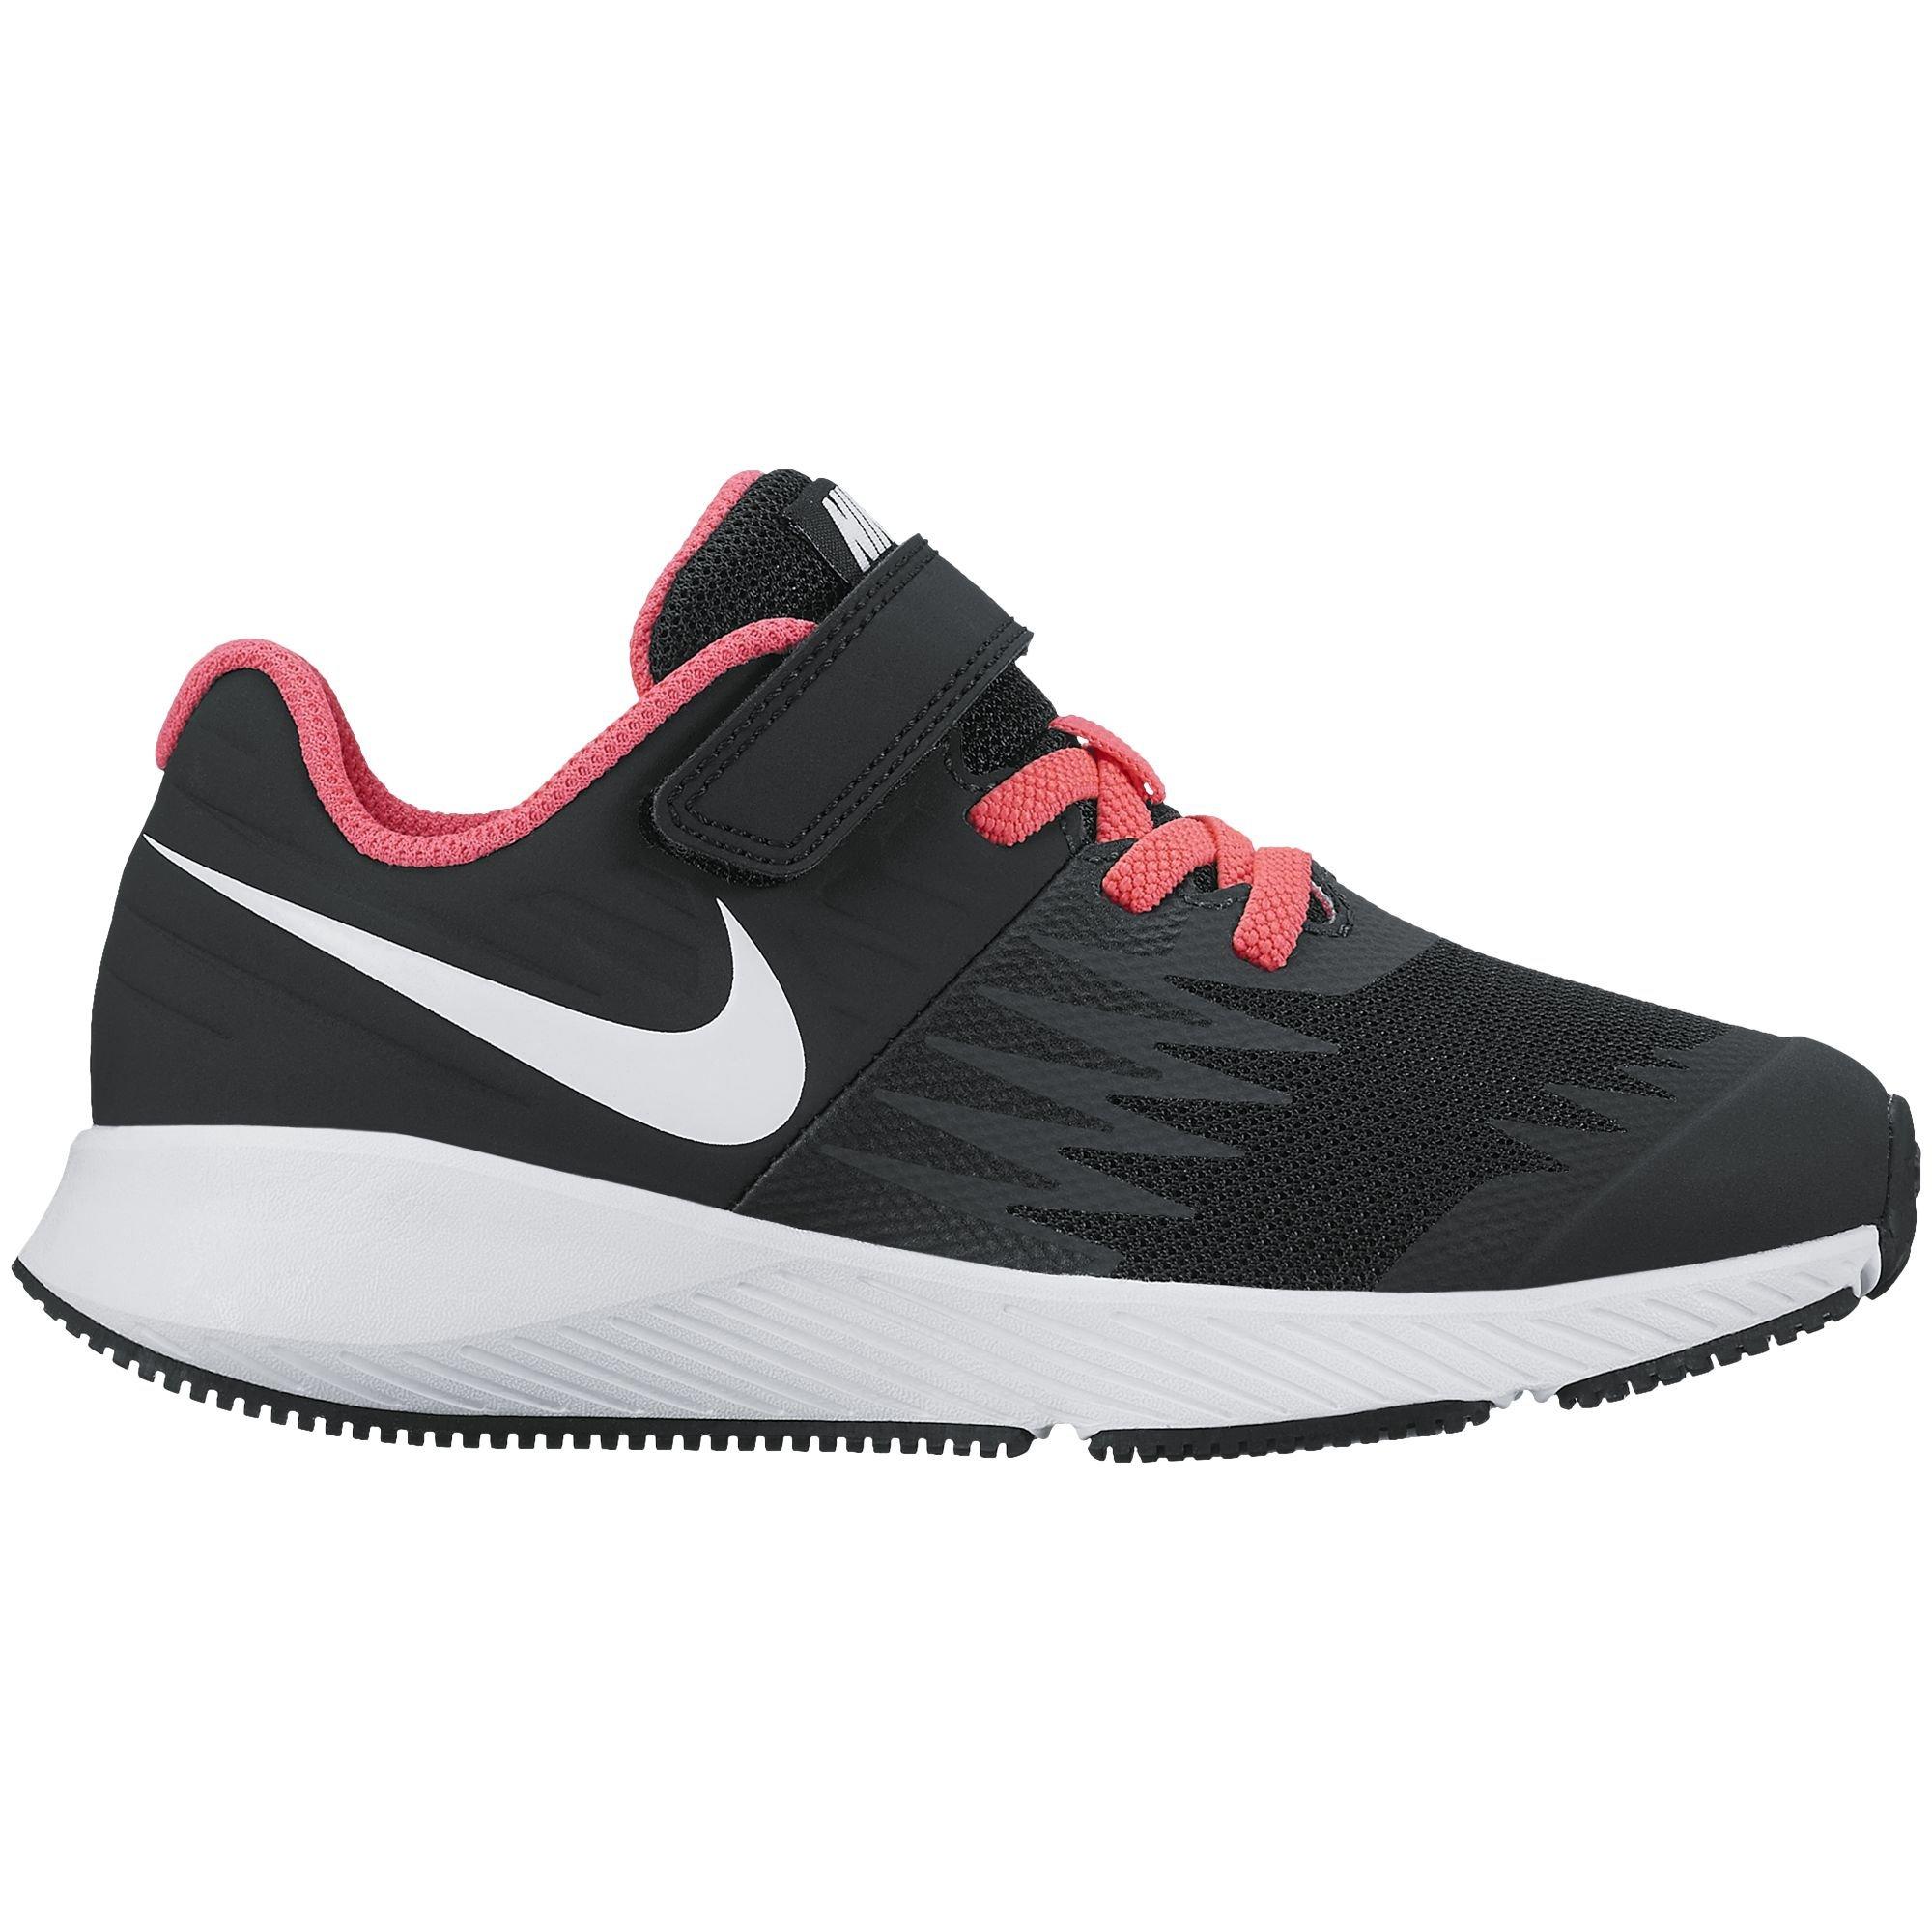 Nike Girl's Star Runner (PSV) Pre-School Shoe Black/White/Volt/Racer Pink Size 1.5 M US by Nike (Image #1)